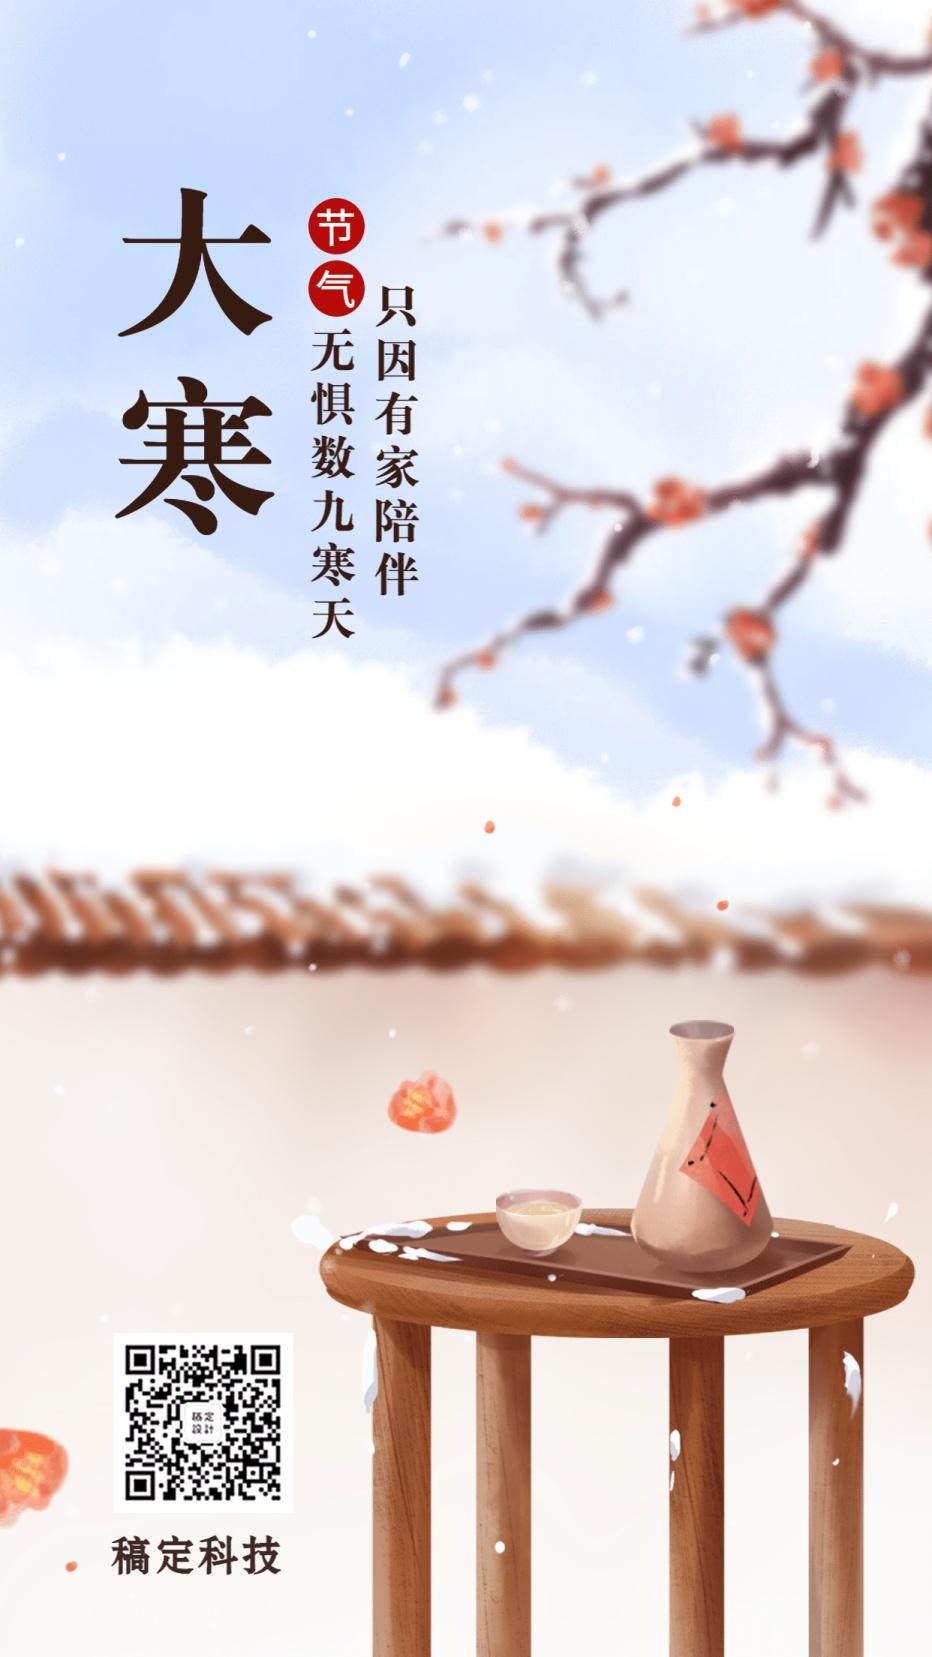 二十四节气大寒中国风手绘插画手机海报